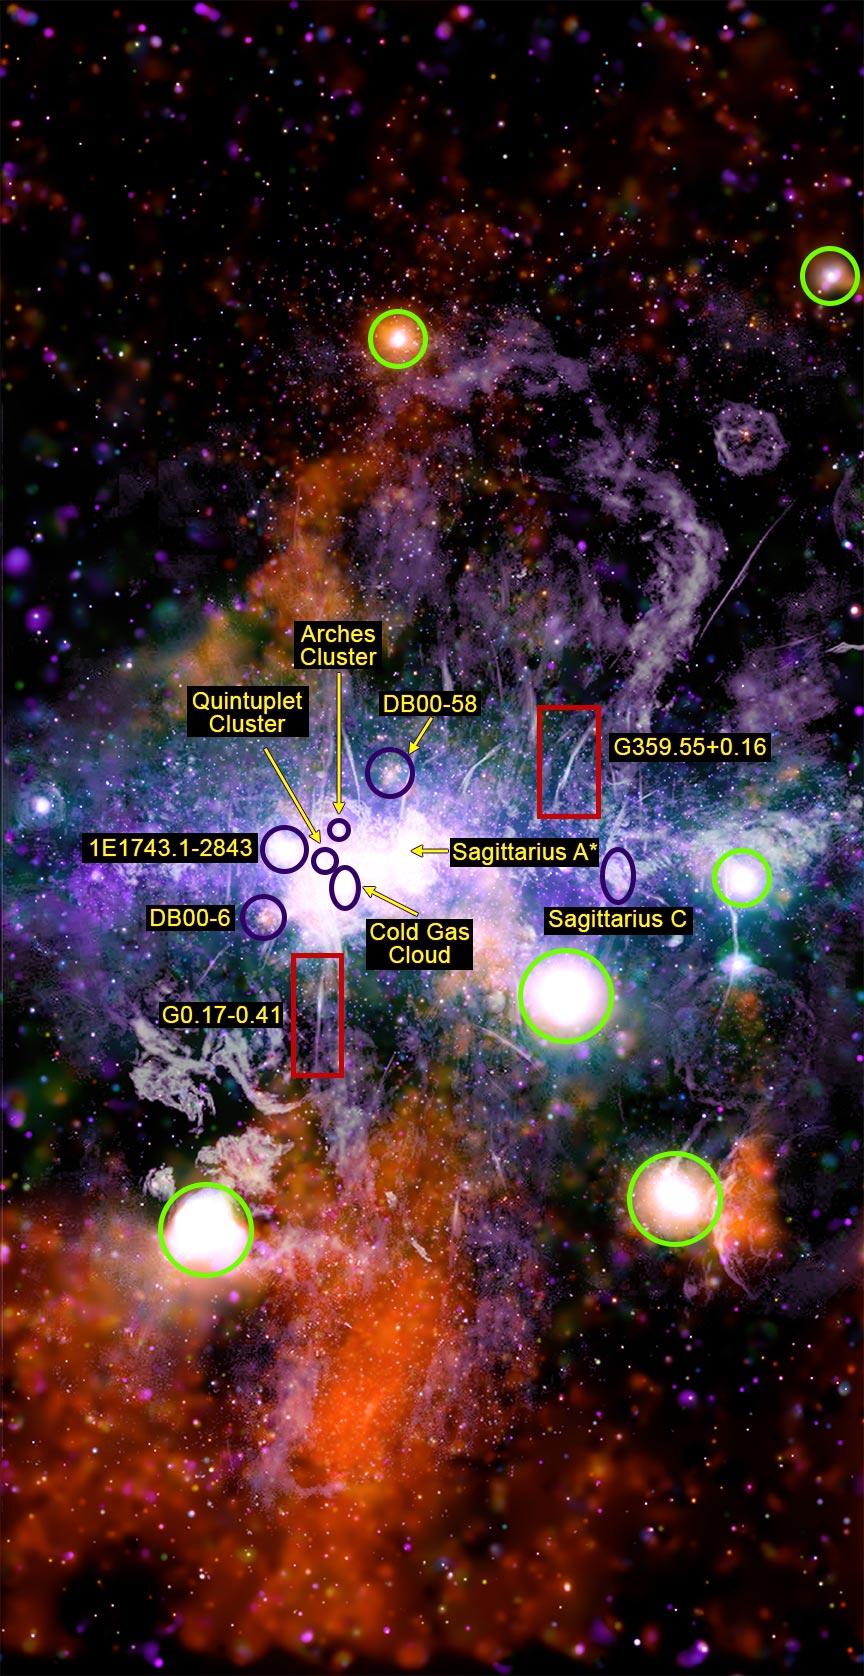 天文学家利用NASA钱德拉X射线天文台制作的新图像暗示银河系中心以前未知的星际能量源